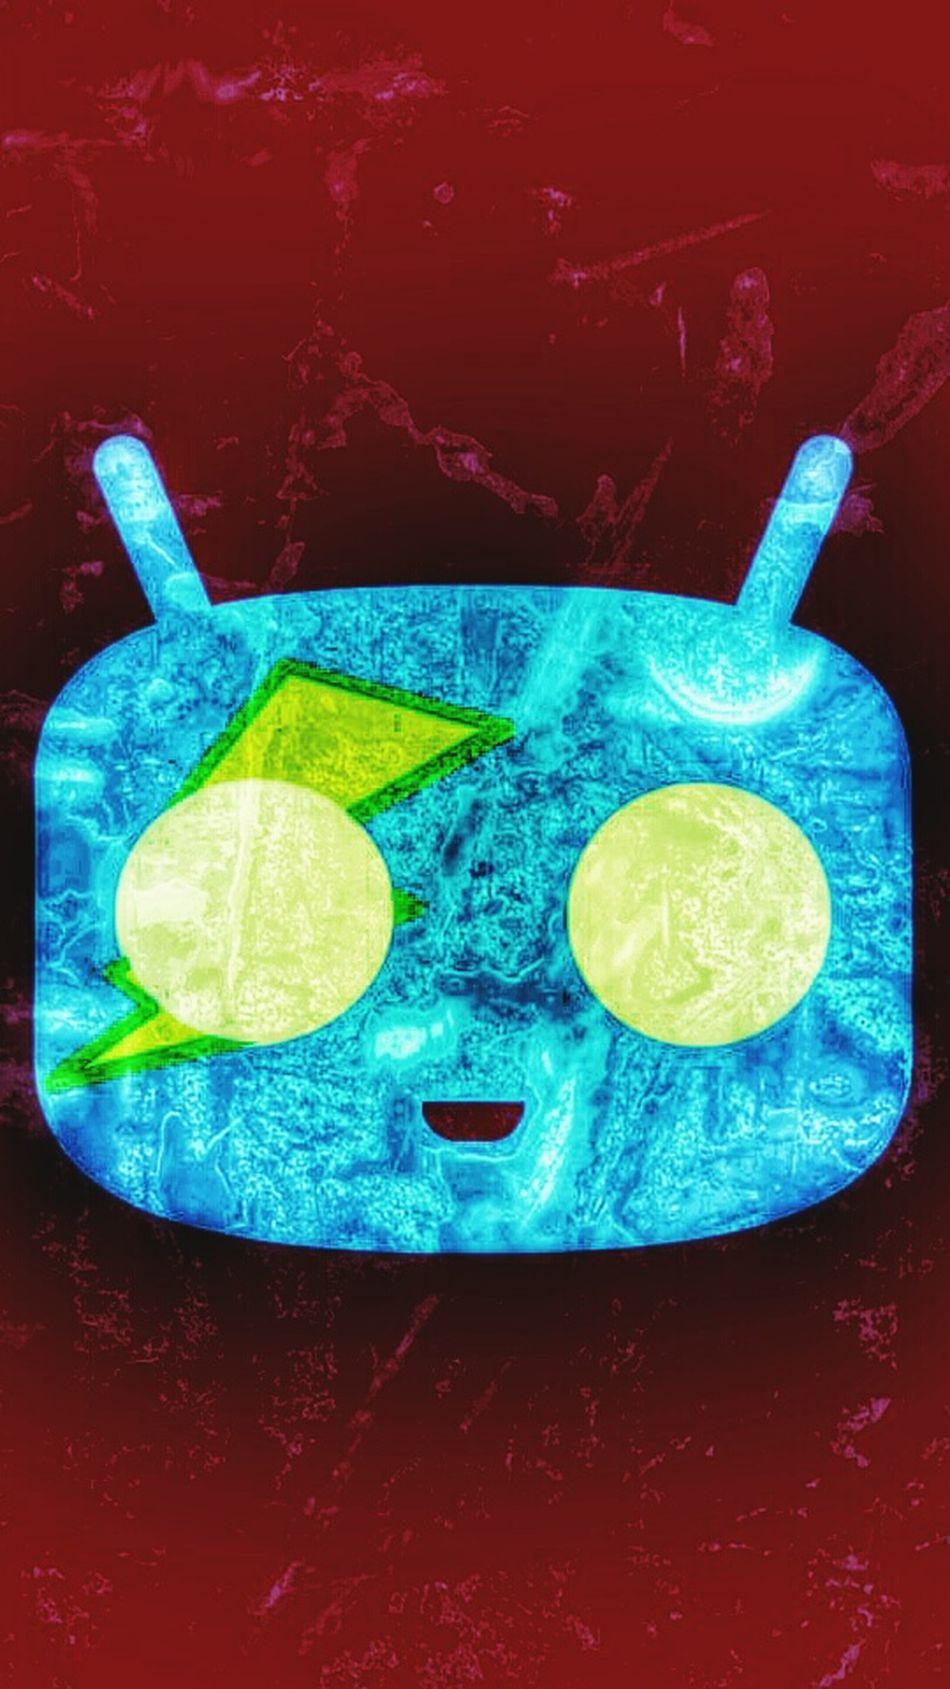 Cyanogen Cyanogenmod Lightning Bolt